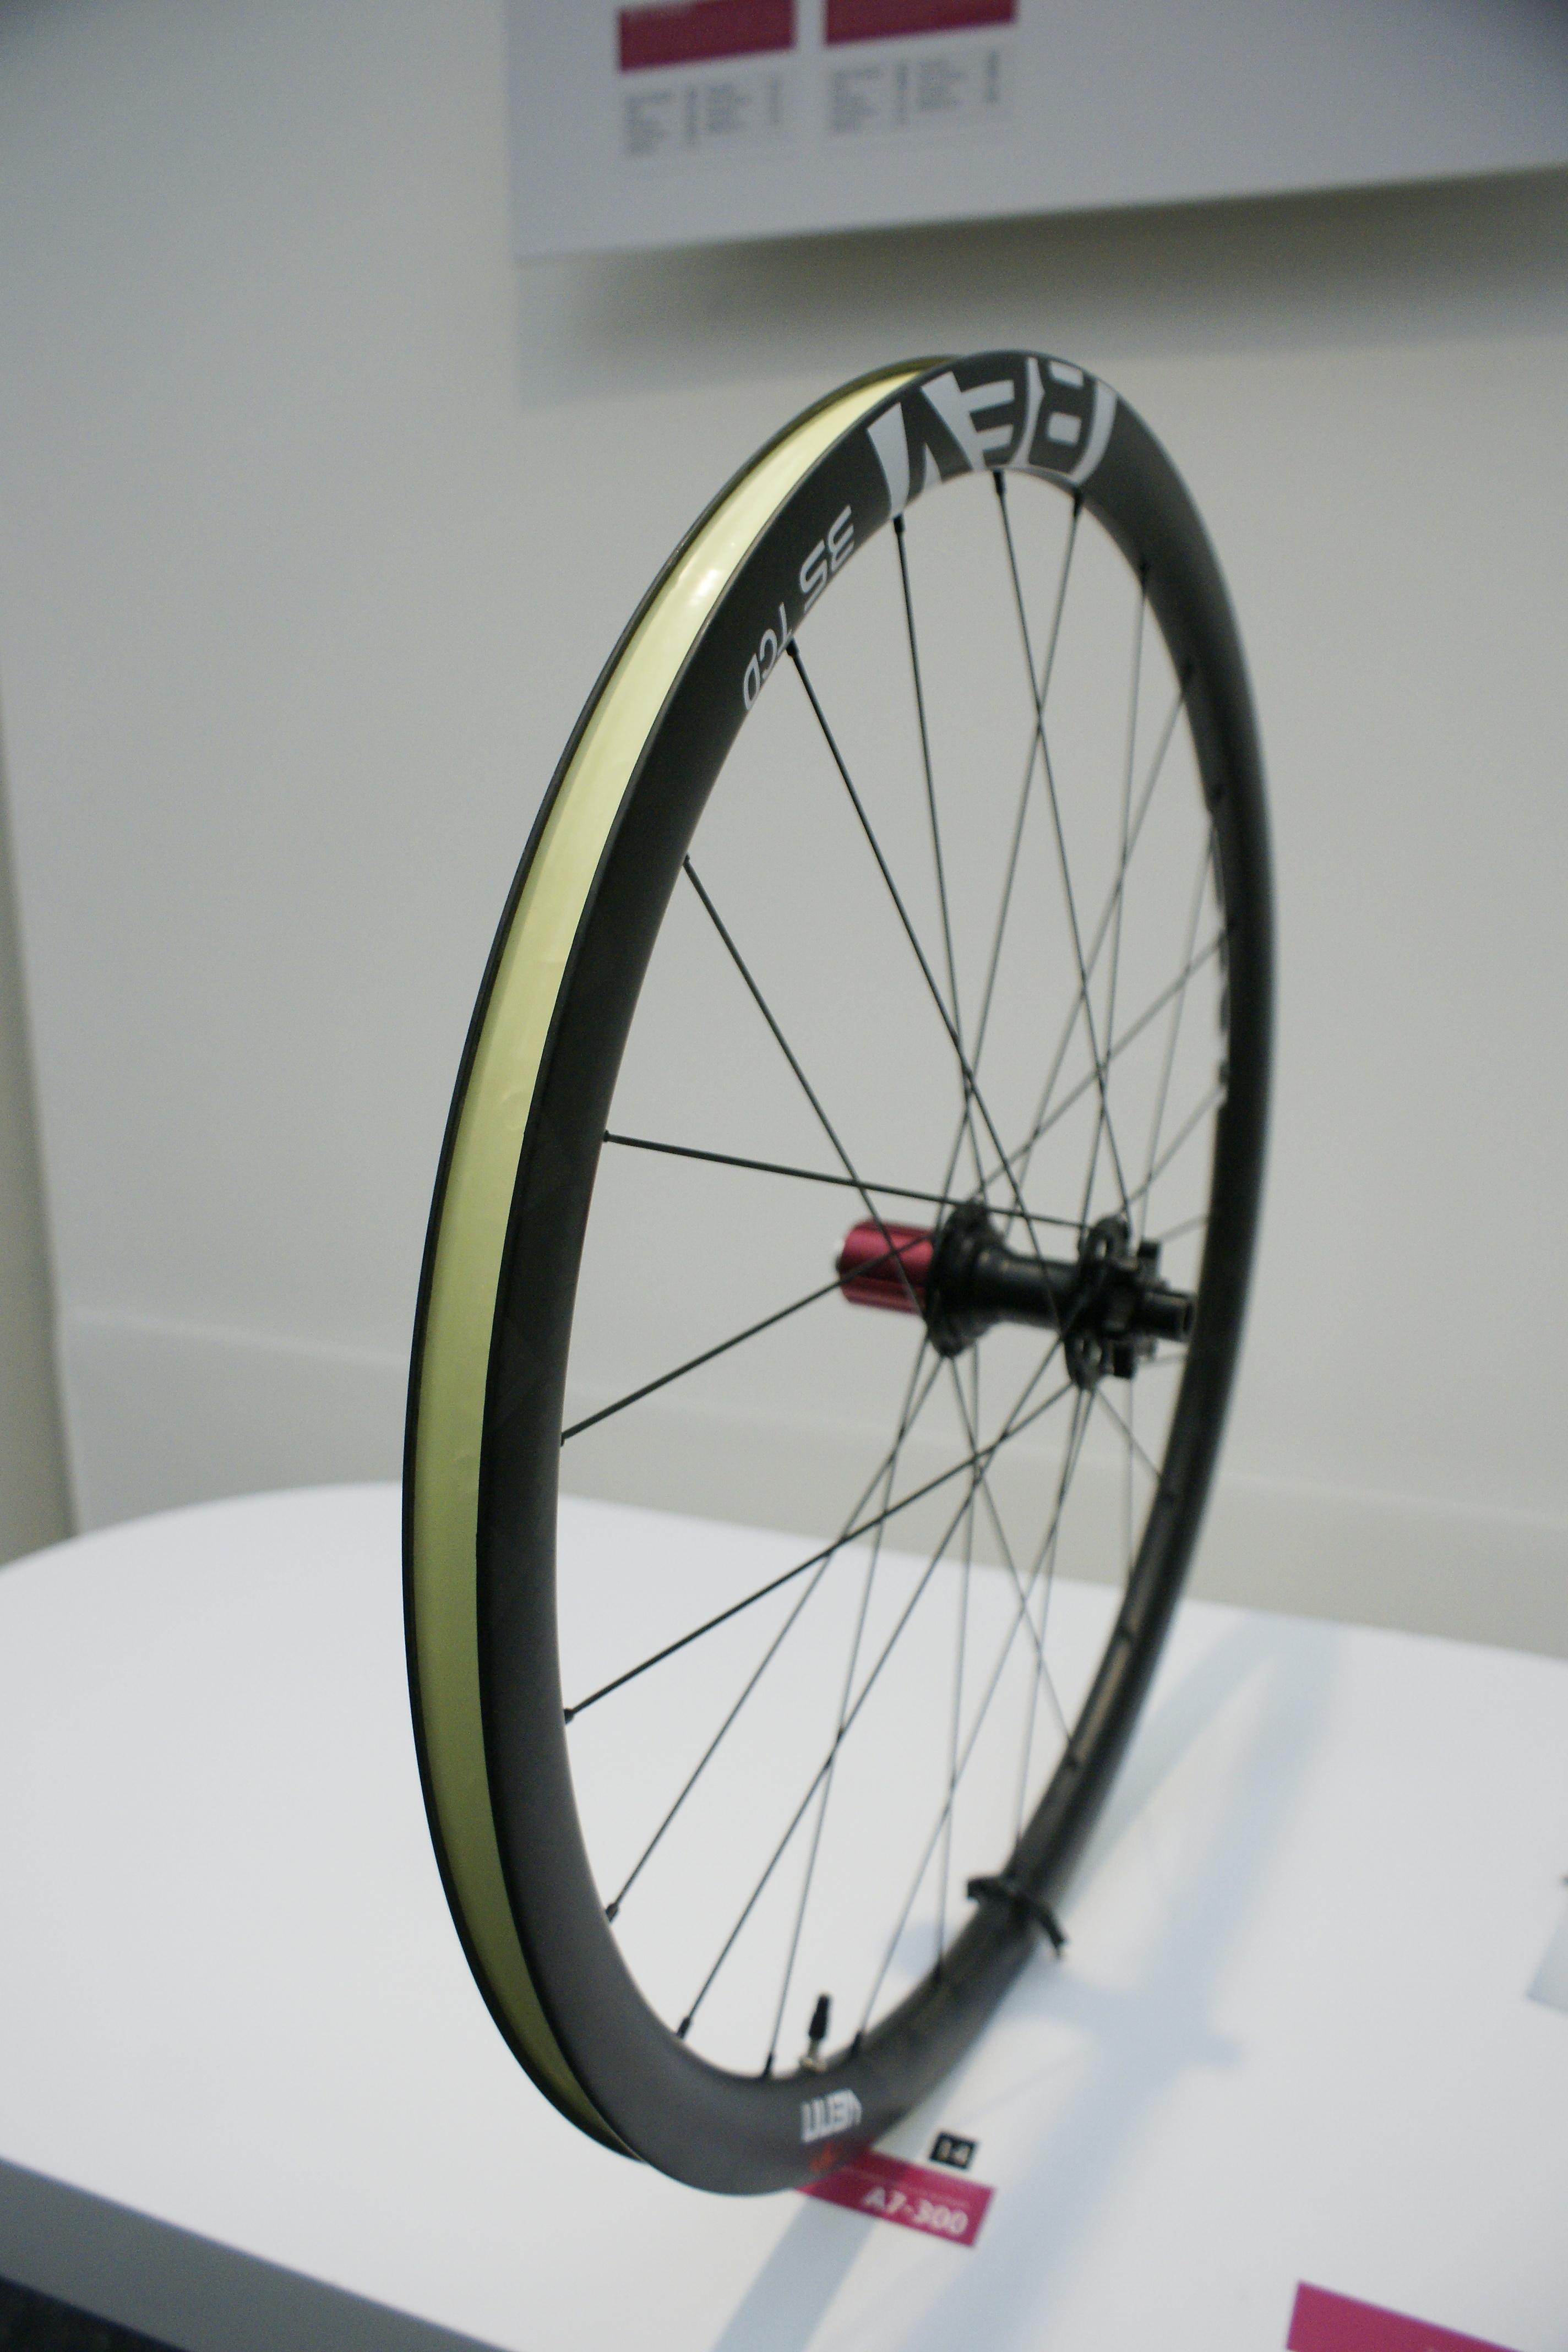 Venn REV Carbon wheels winner of best product at Eurobike 2015